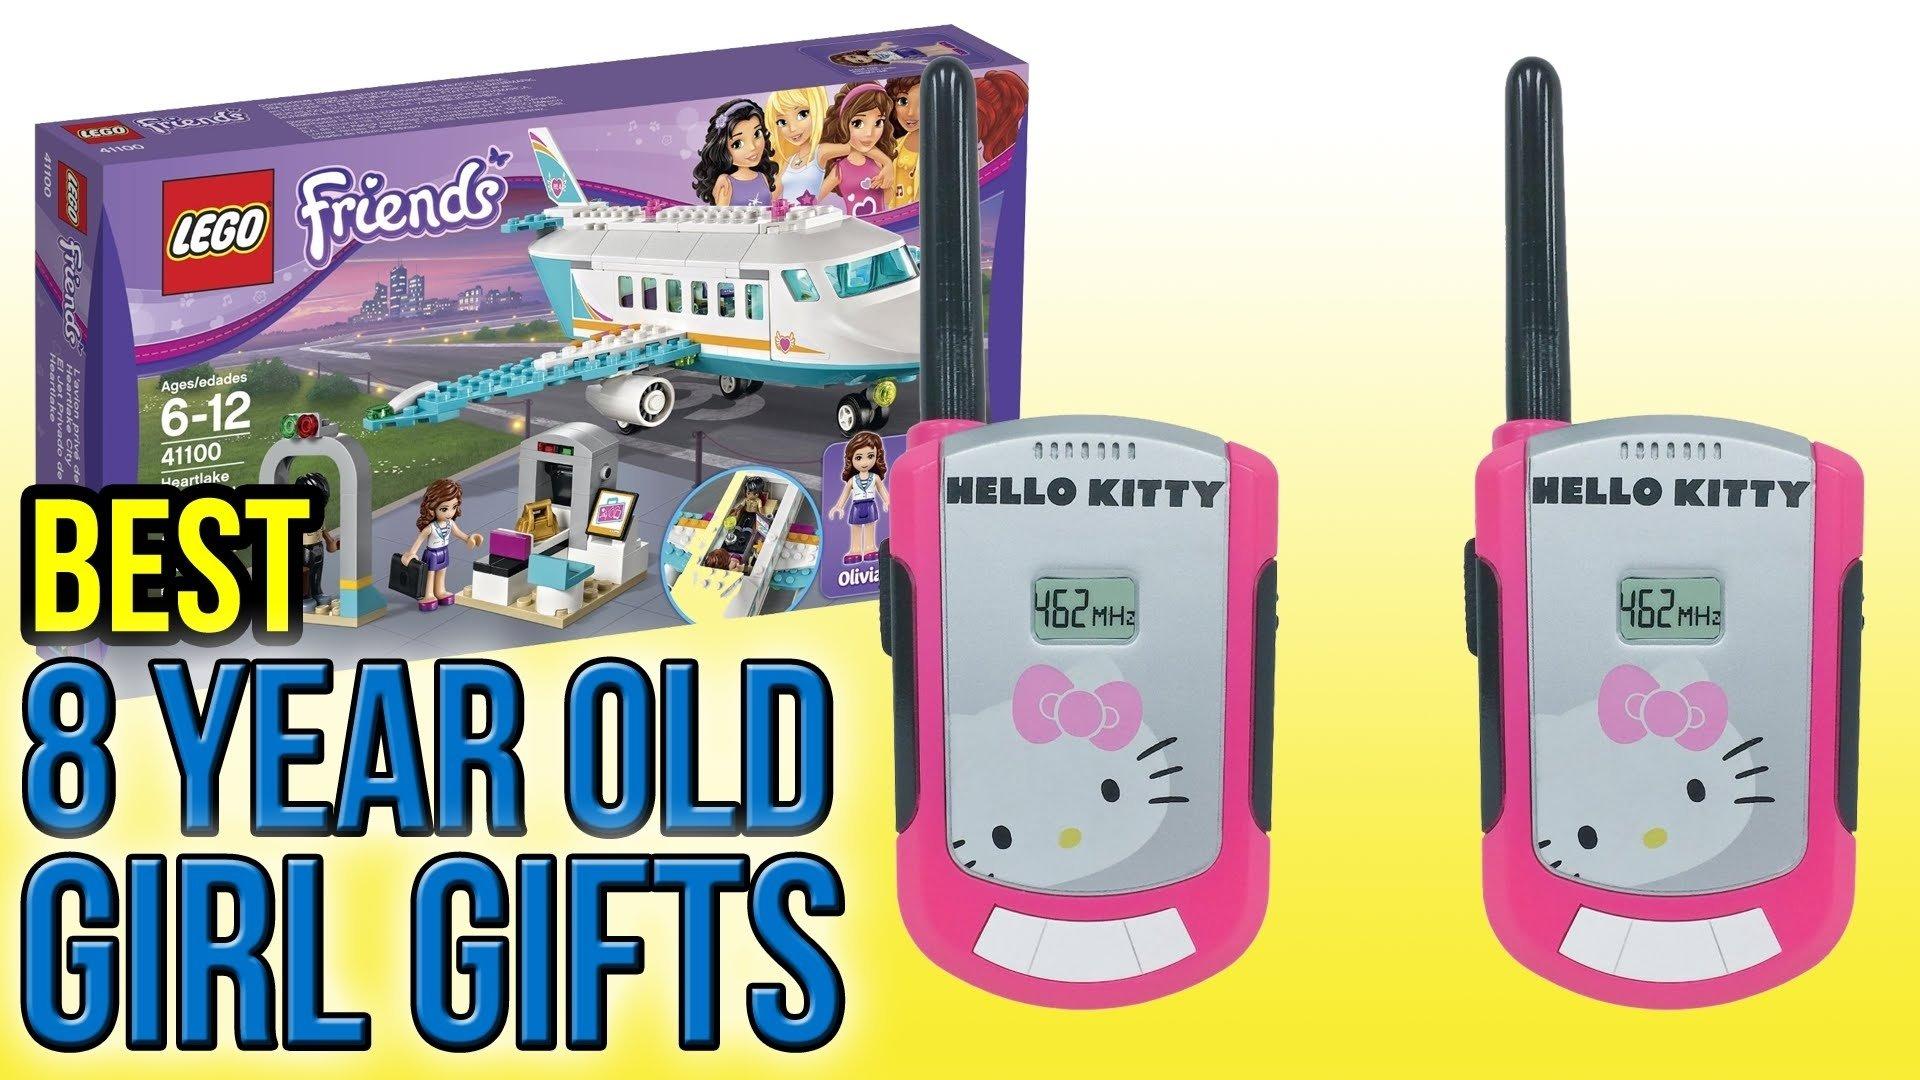 Imágenes de Xmas Gift Ideas 8 Yr Old Girl